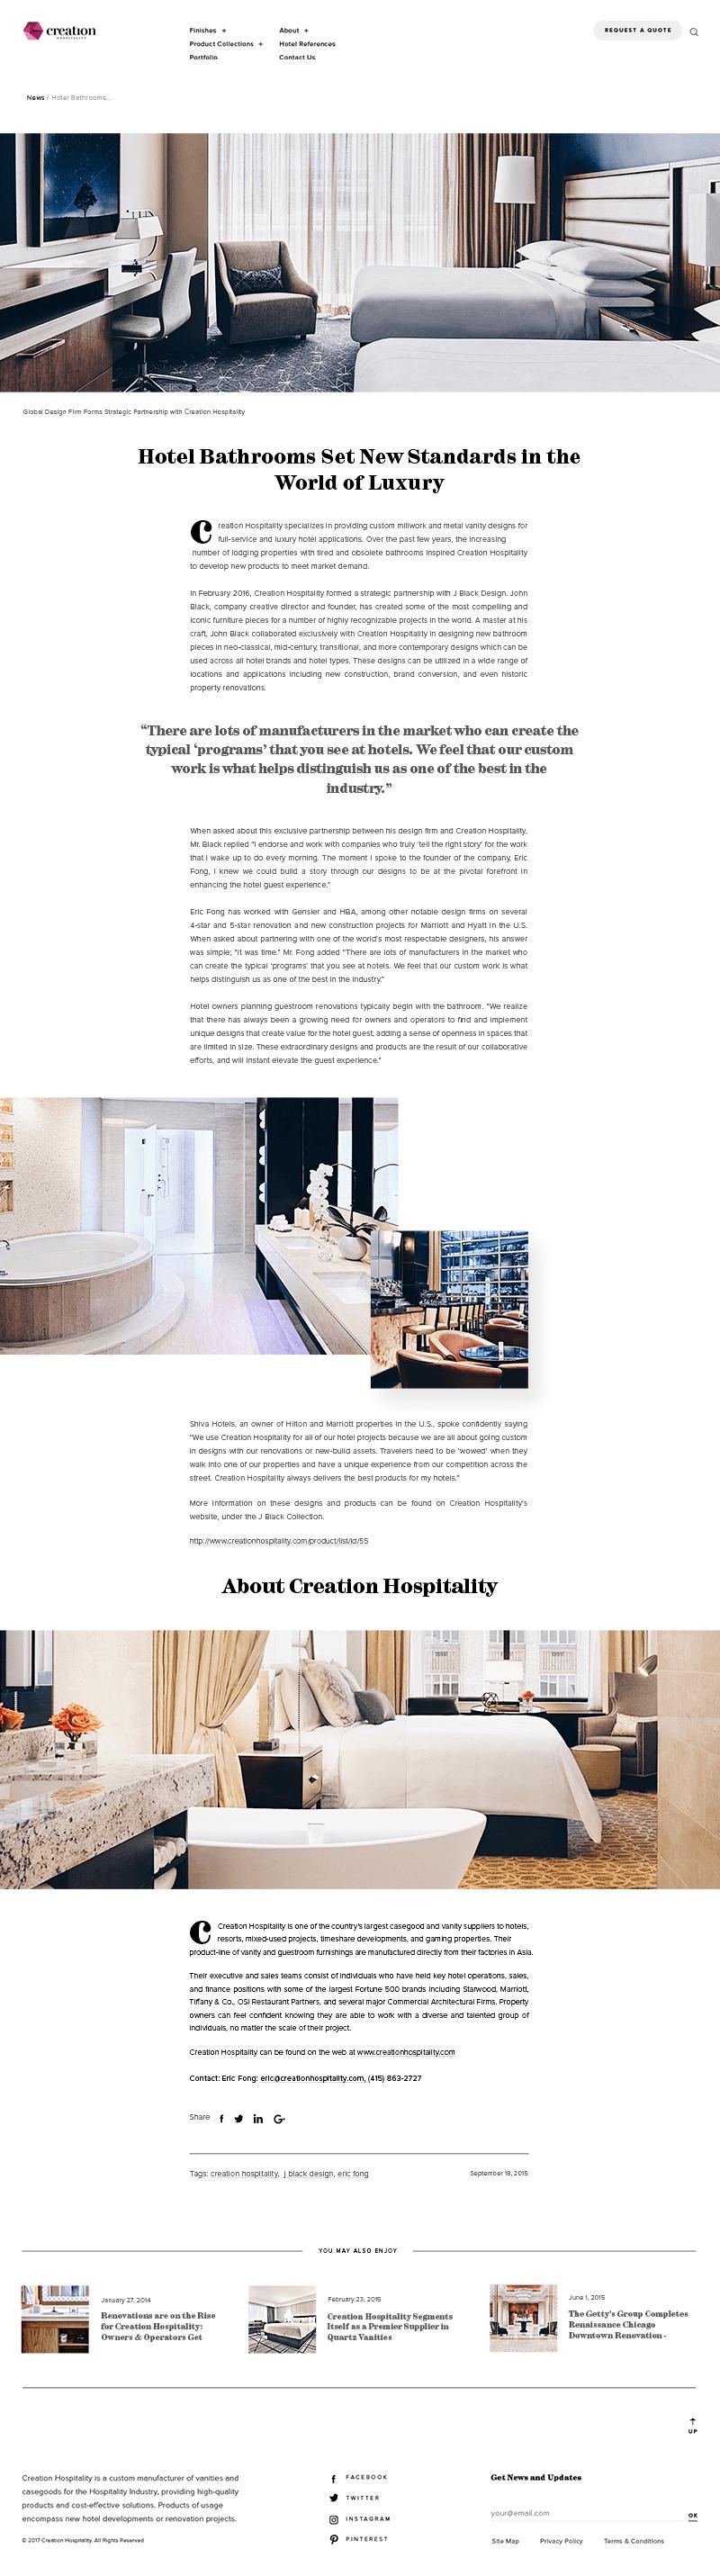 Creation Hospitality News Page Screenshot